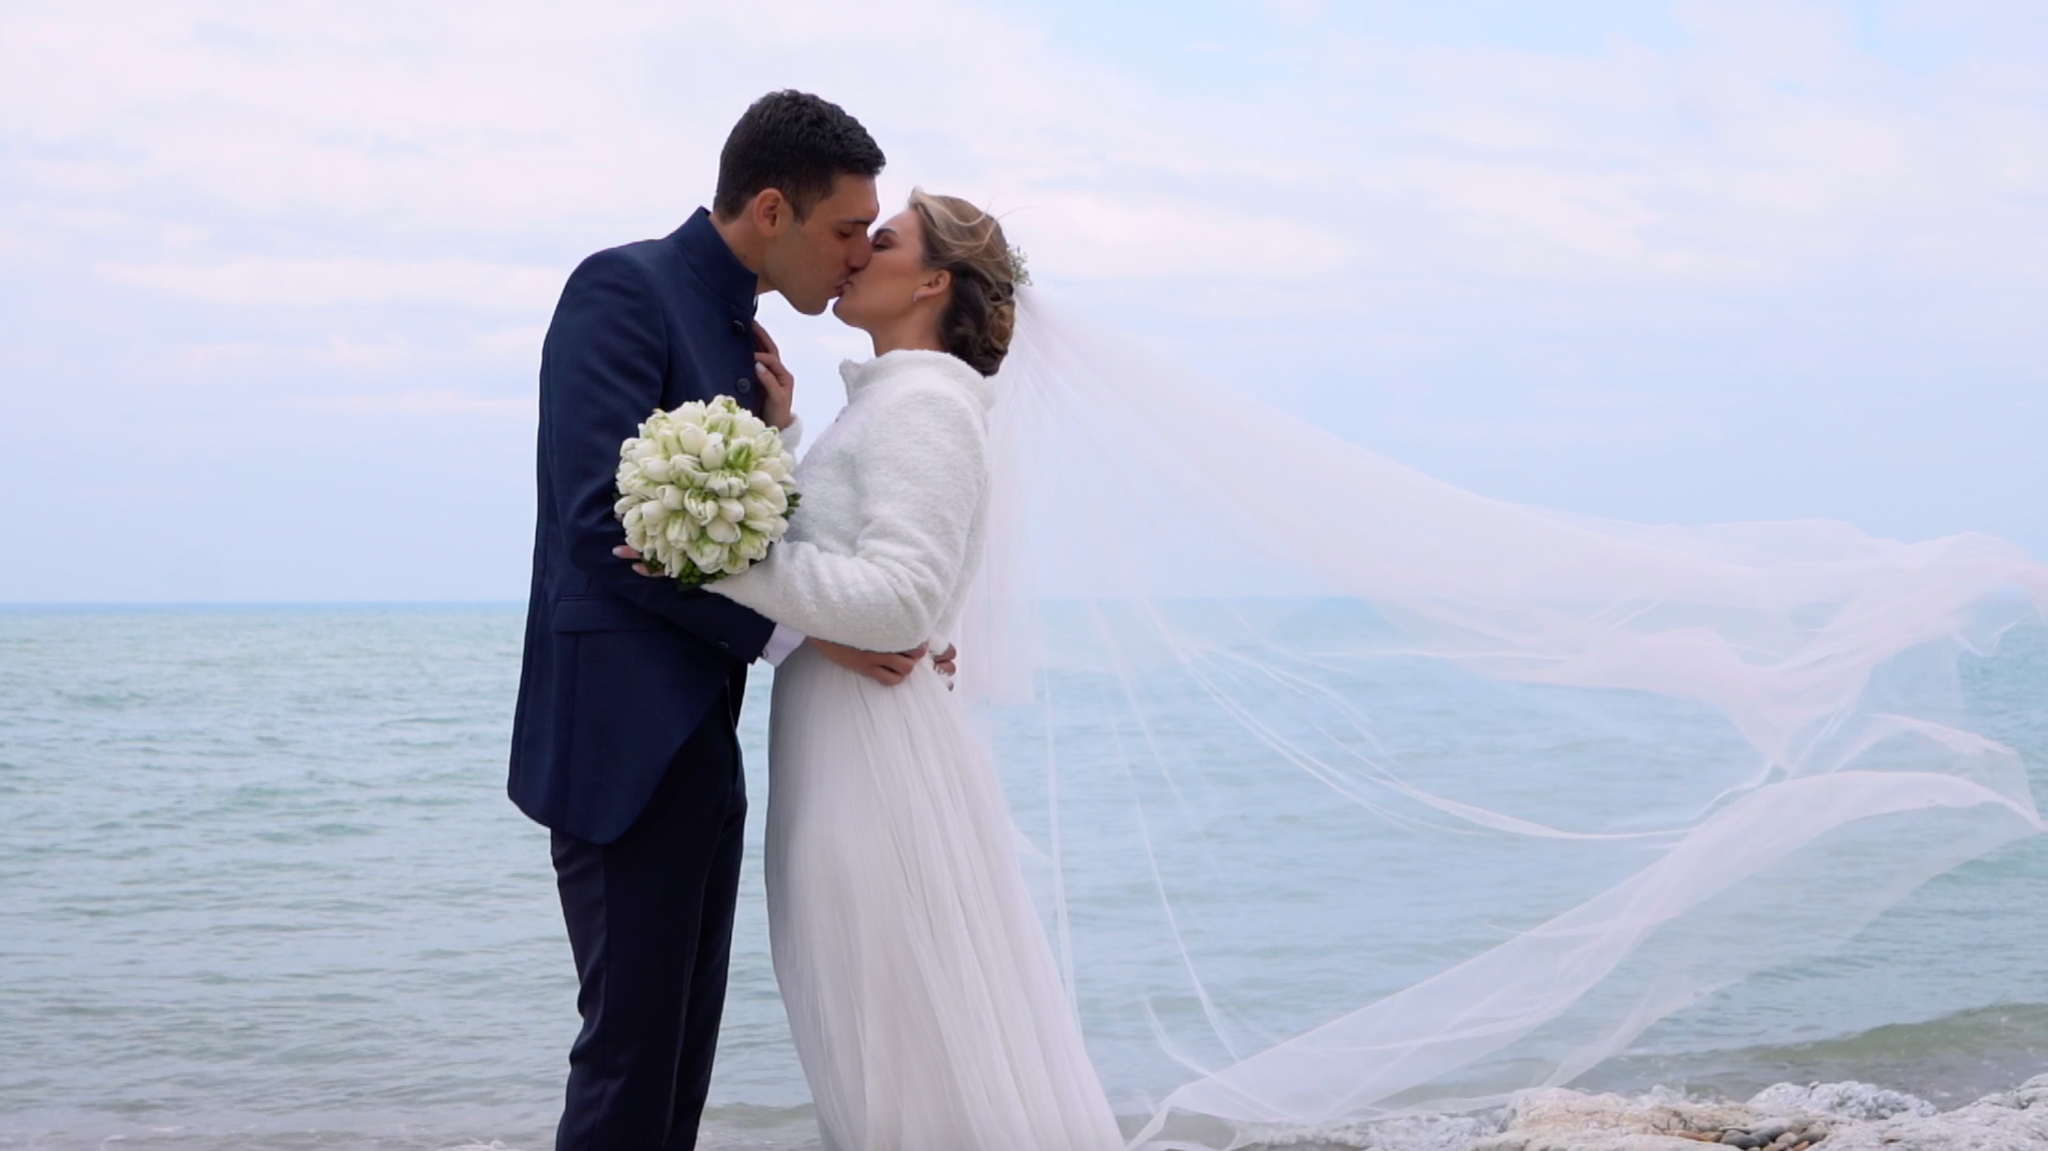 Il matrimonio di Matteo e Miha a Misano Adriatico, Rimini